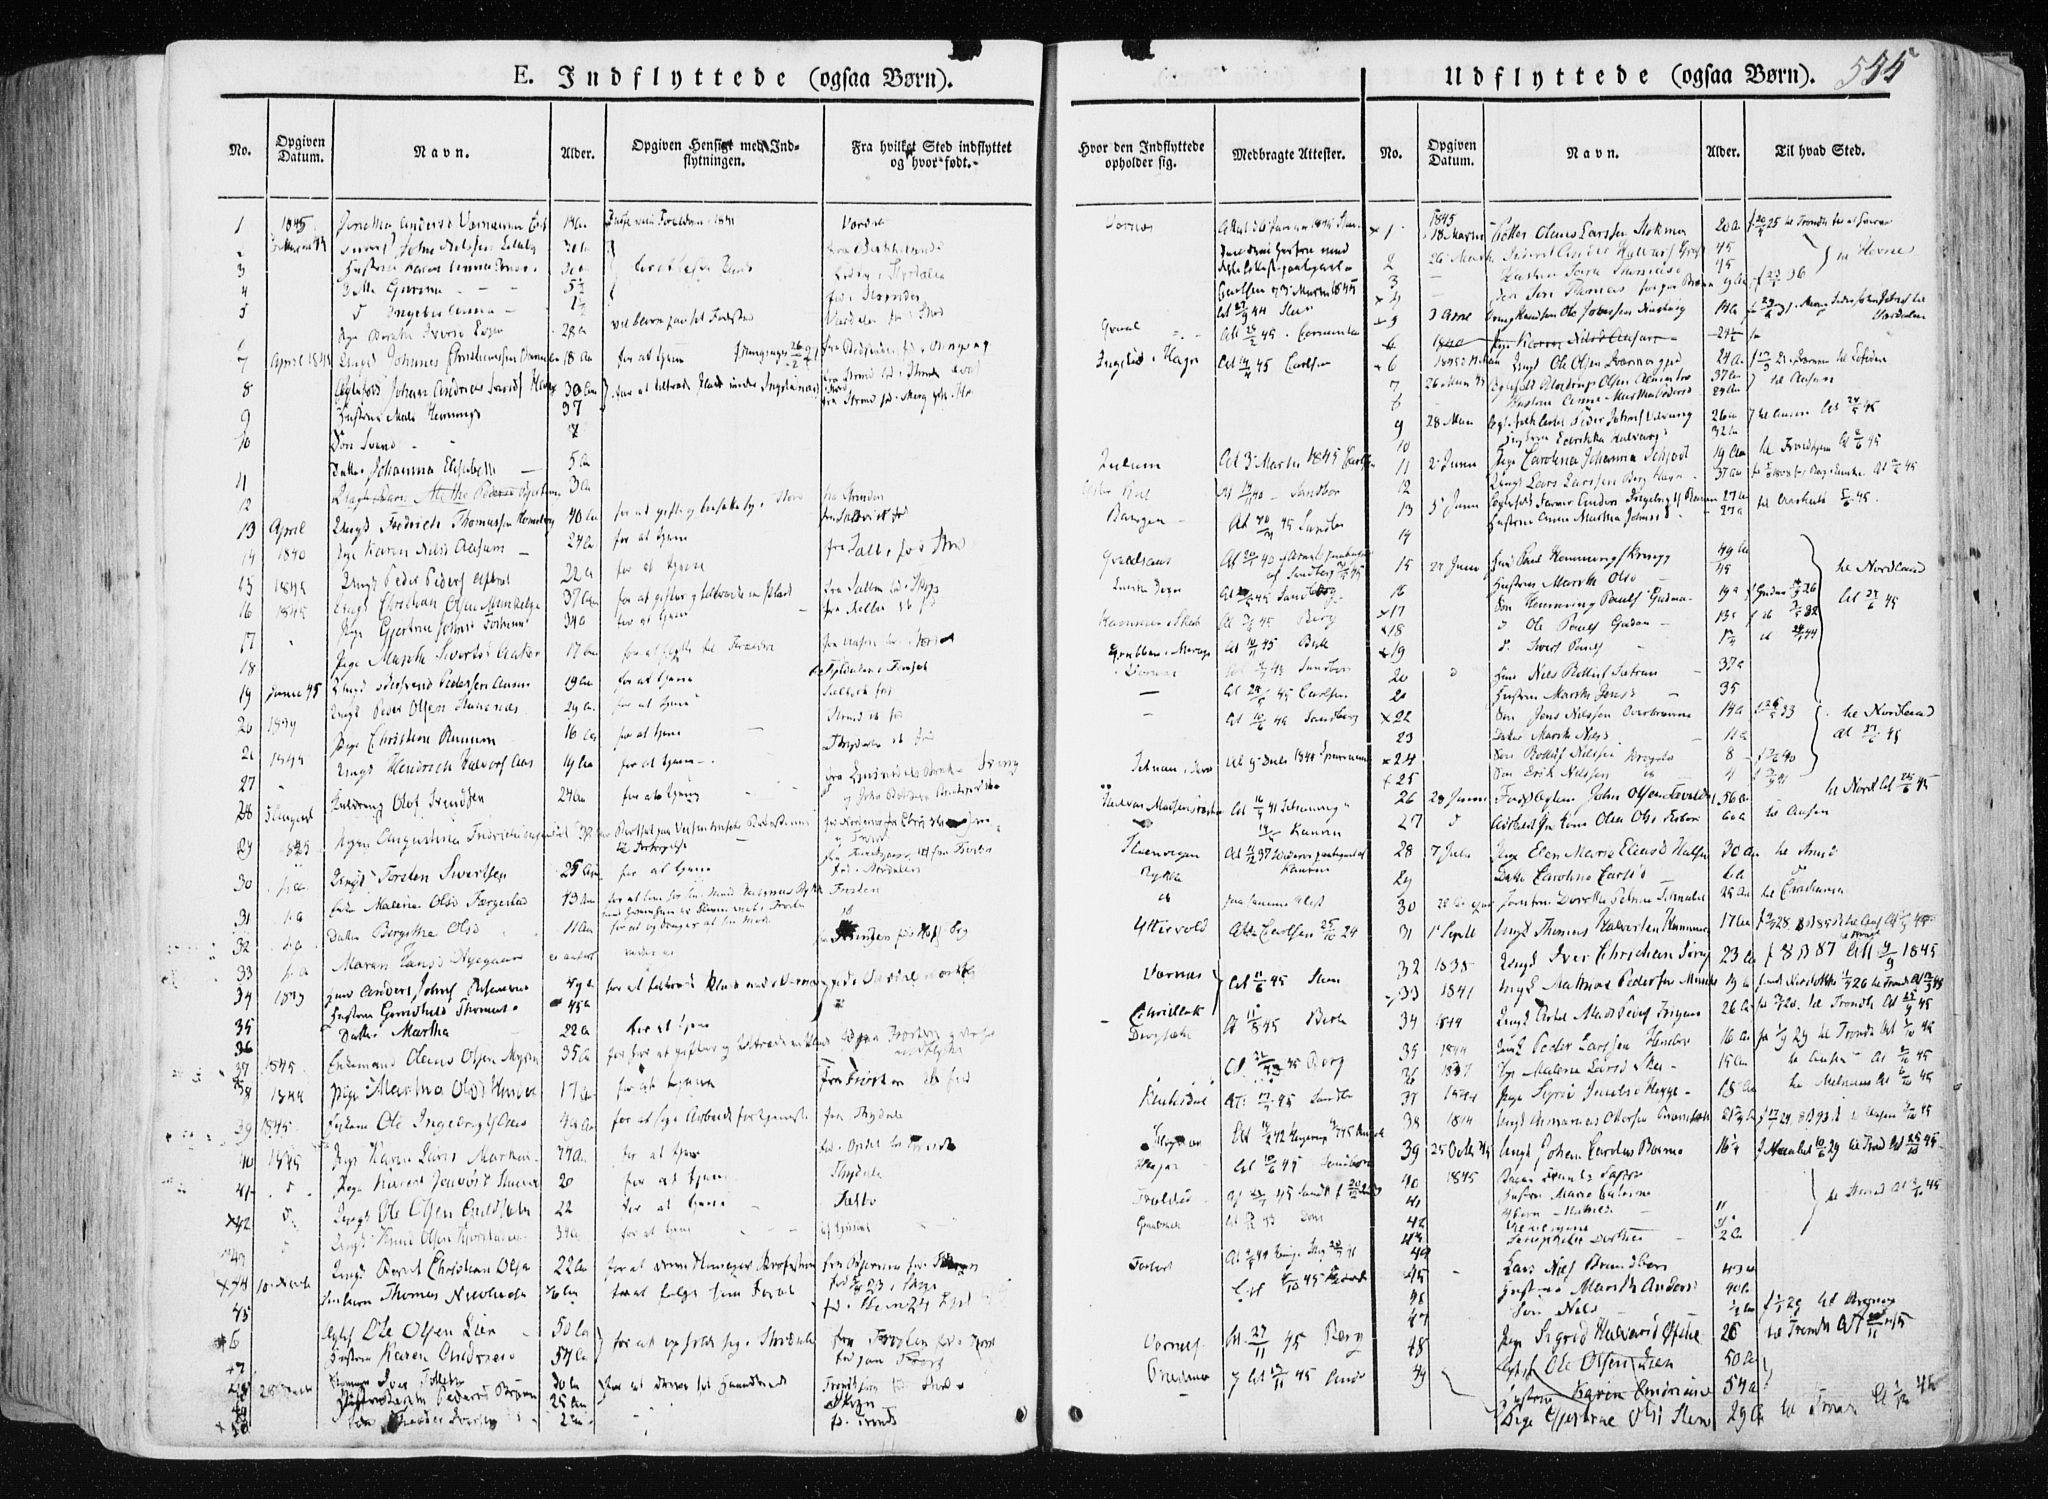 SAT, Ministerialprotokoller, klokkerbøker og fødselsregistre - Nord-Trøndelag, 709/L0074: Parish register (official) no. 709A14, 1845-1858, p. 545